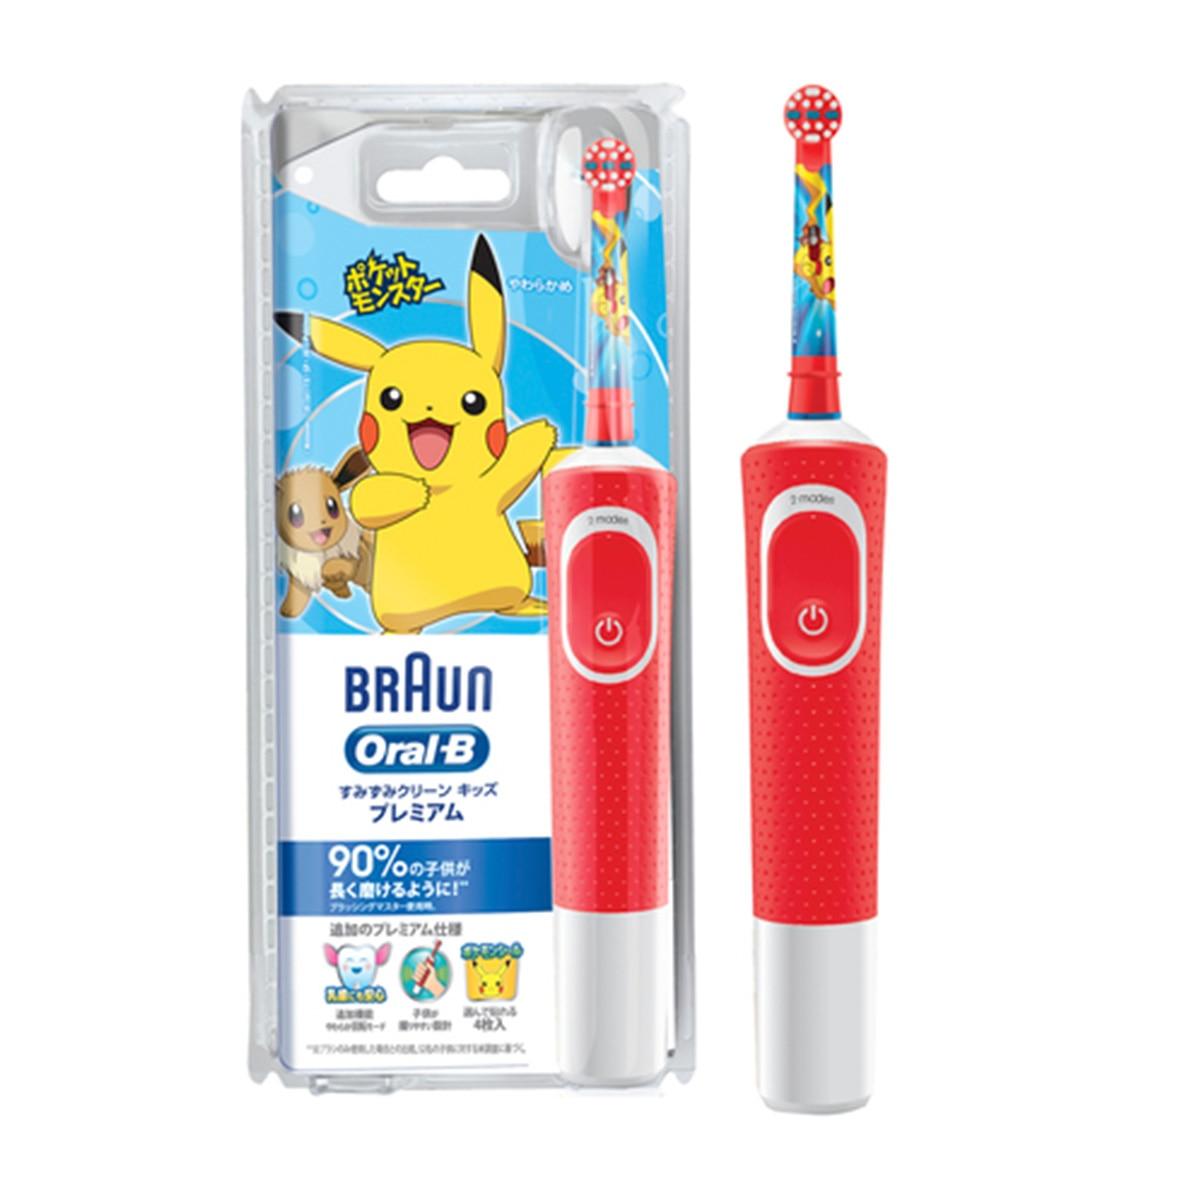 ブラウン オーラルB 電動歯ブラシ 子供用 すみずみクリーンキッズ プレミアム レッド D1004132KPKM